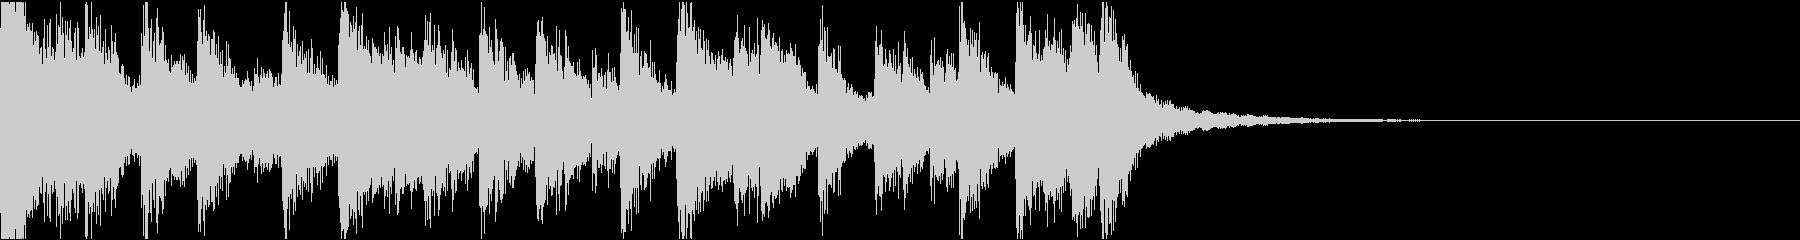 琴、電子音ダーク/サウンドロゴの未再生の波形